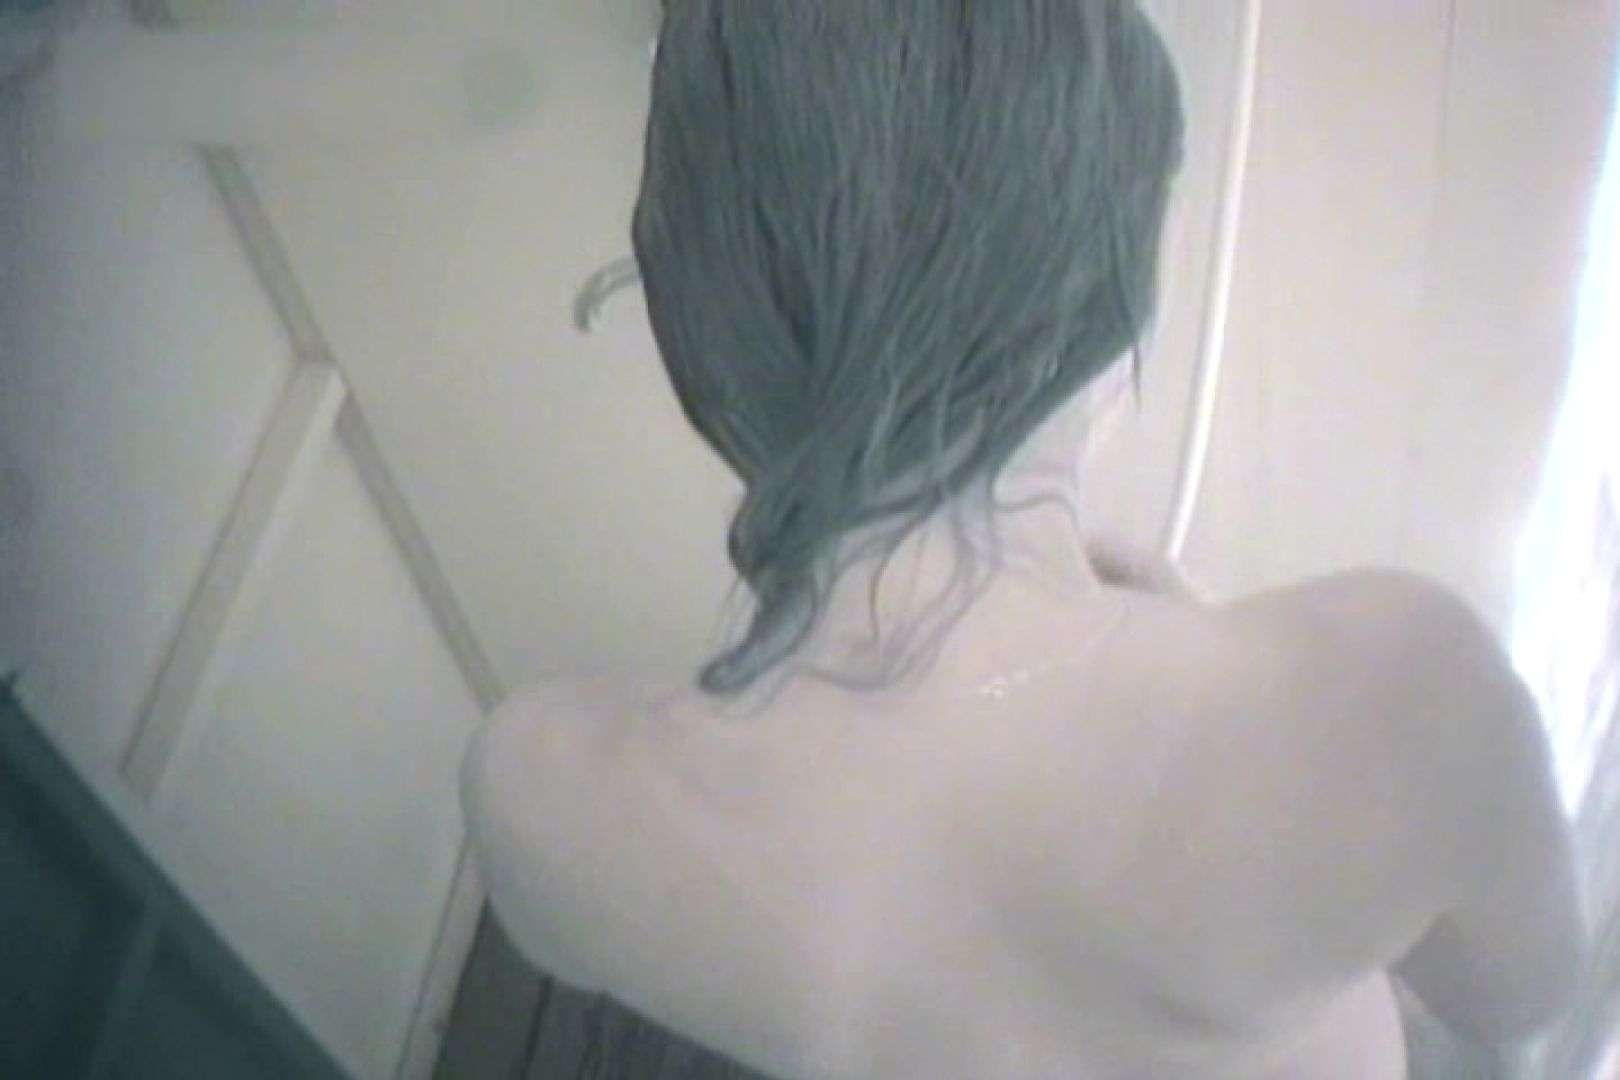 夏海シャワー室!ベトベトお肌をサラサラに!VOL.02 美女 | シャワー室  94pic 1